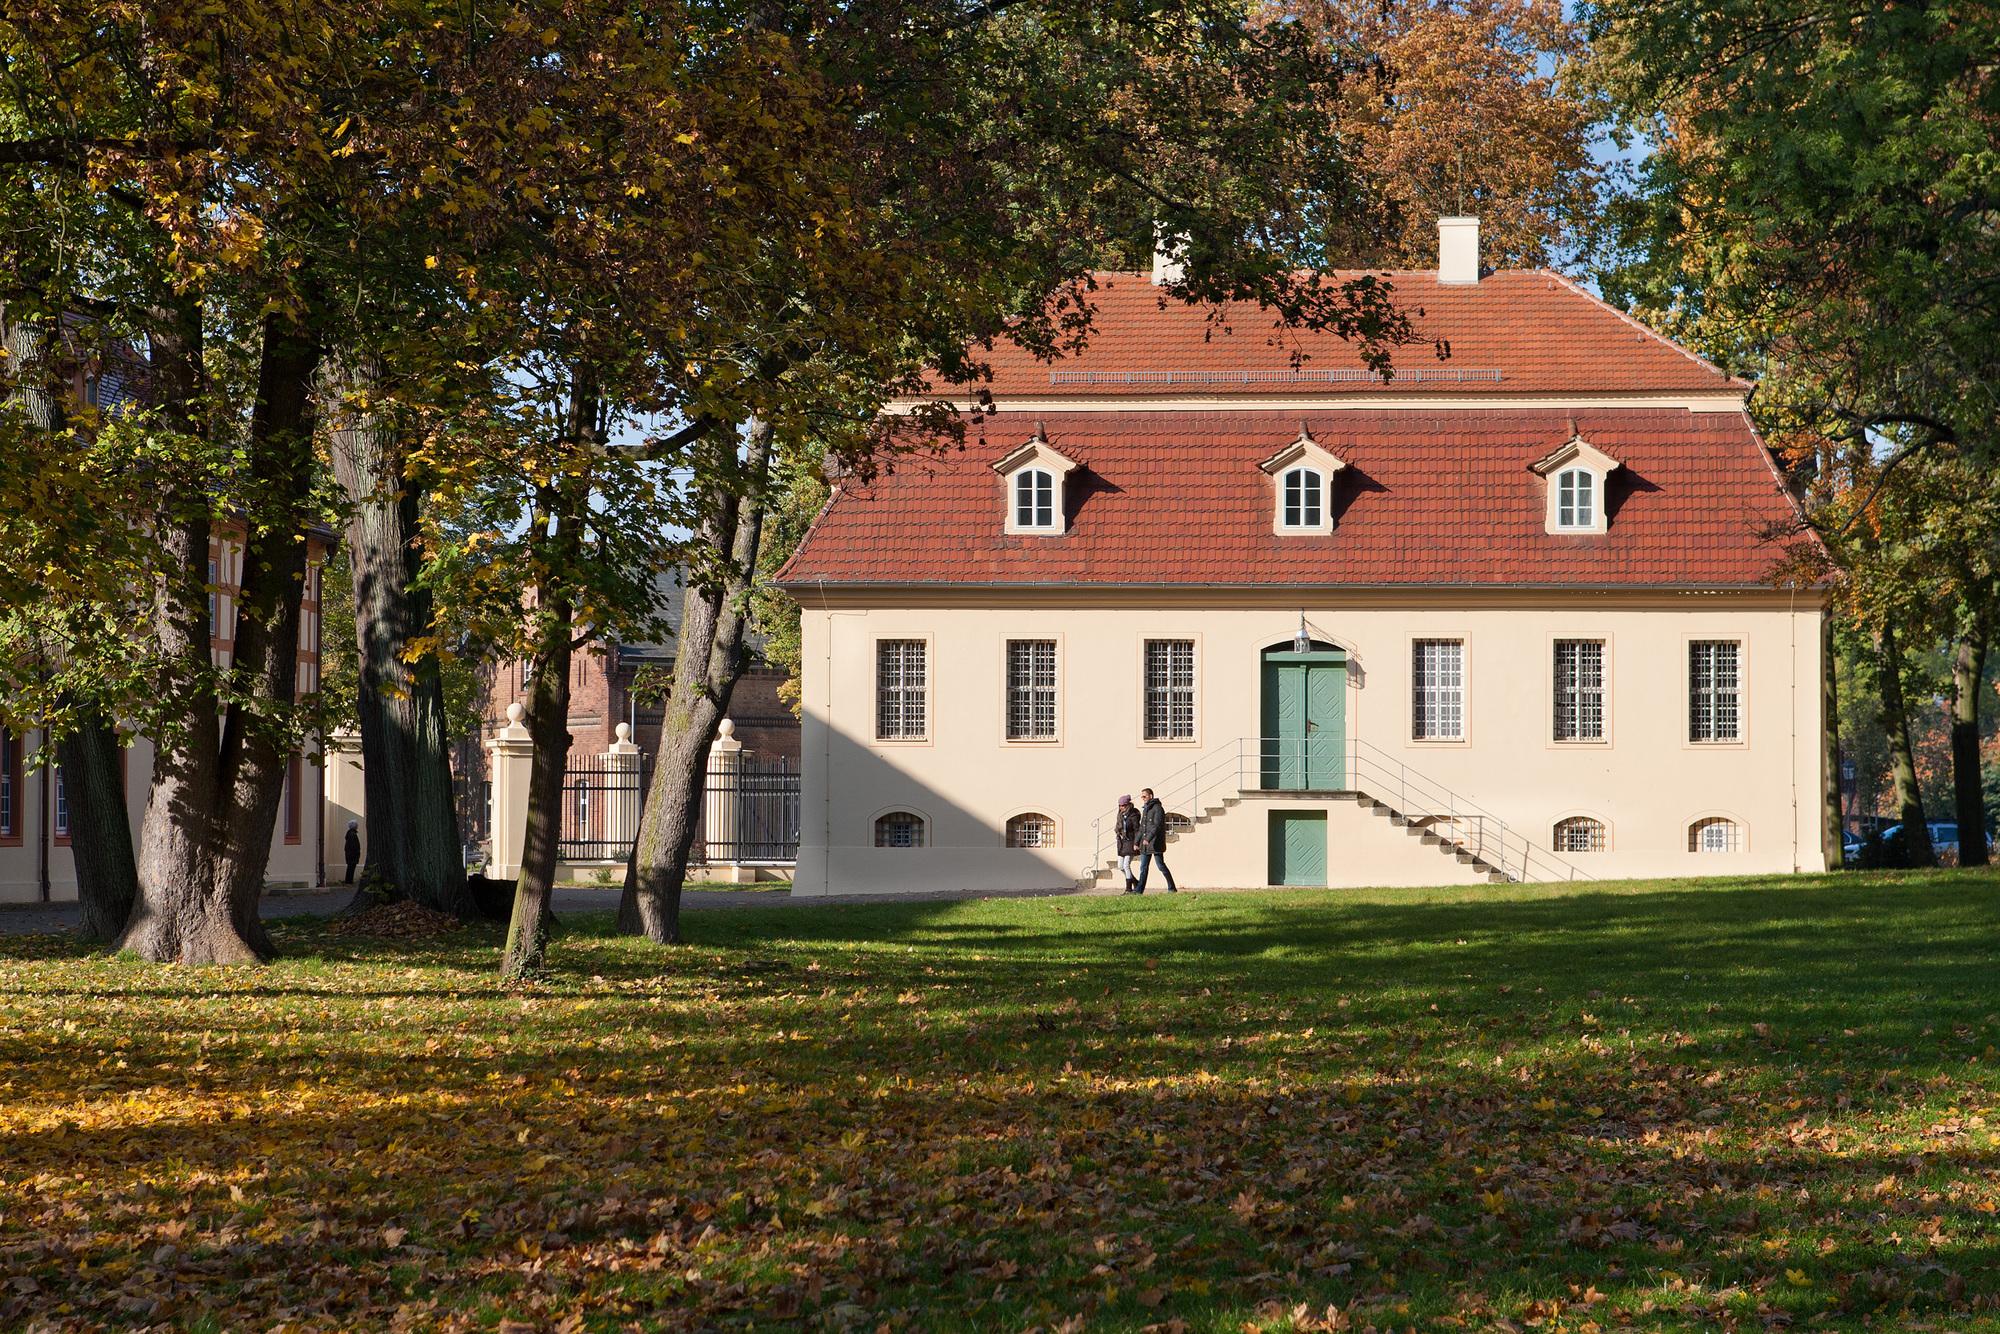 Kanzlei - Schloss Lübbenau - SpreewaldUrlaub im Schloss - Urlaub Spreewald - Schlosshotel Brandenburg - Spreewald erleben - Schloss Lübbenau im Spreewald